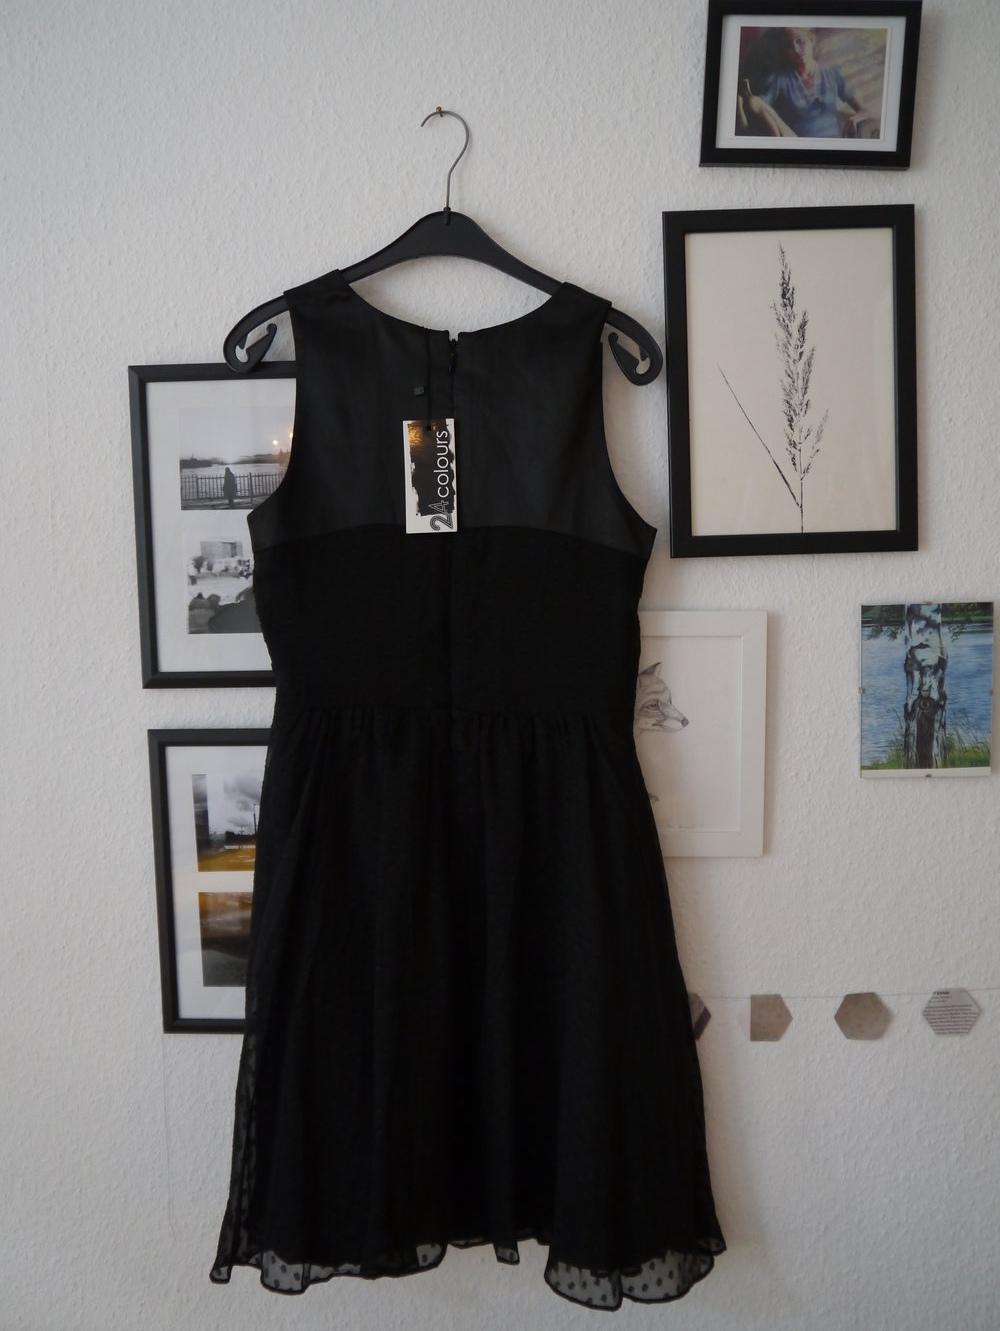 24colours schwarzes kleid mit raffiniertem ausschnitt. Black Bedroom Furniture Sets. Home Design Ideas